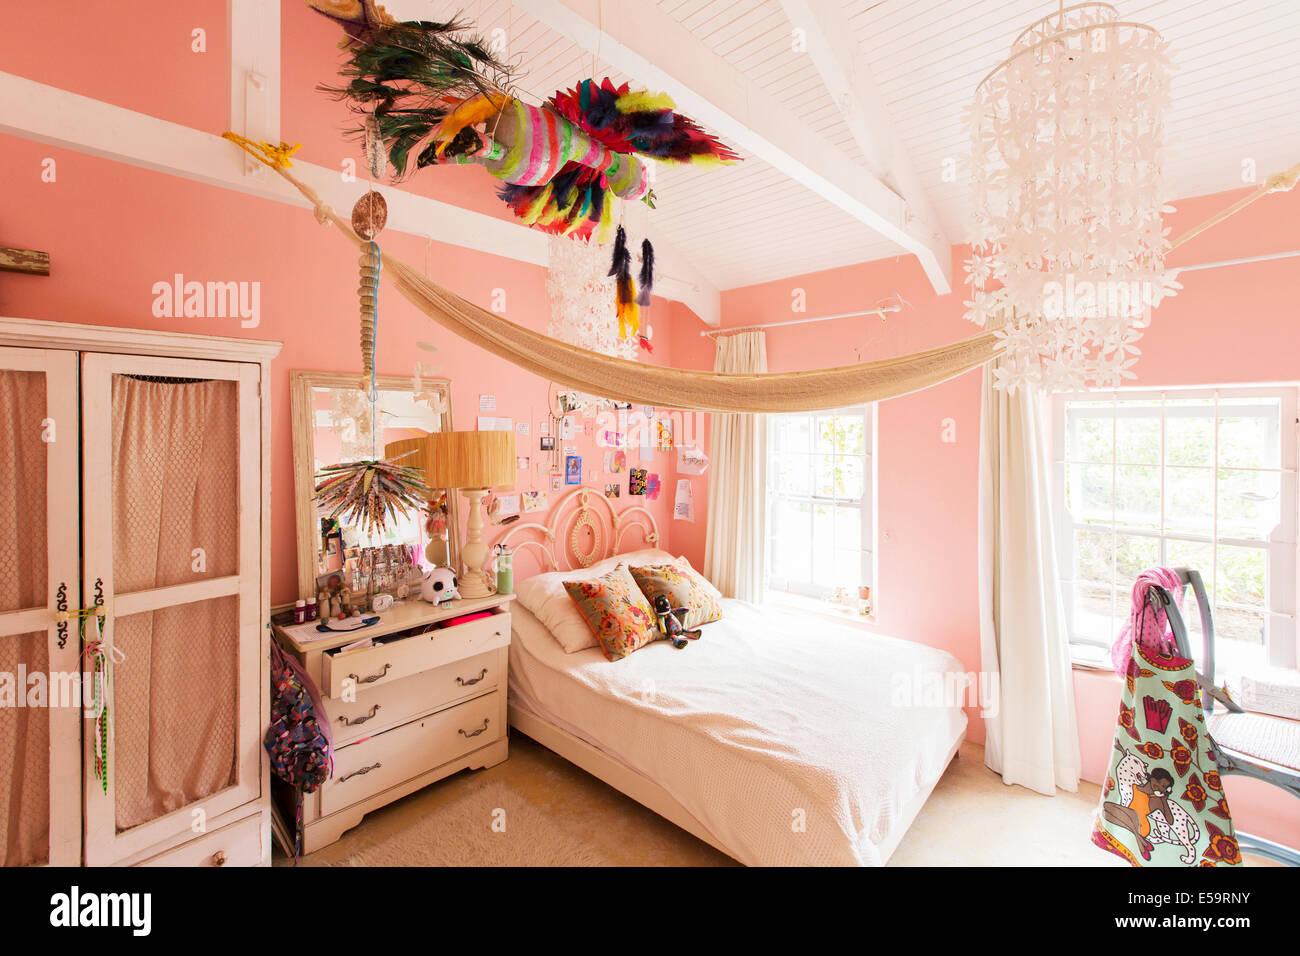 Dekoration im Schlafzimmer des Landhaus Stockbild